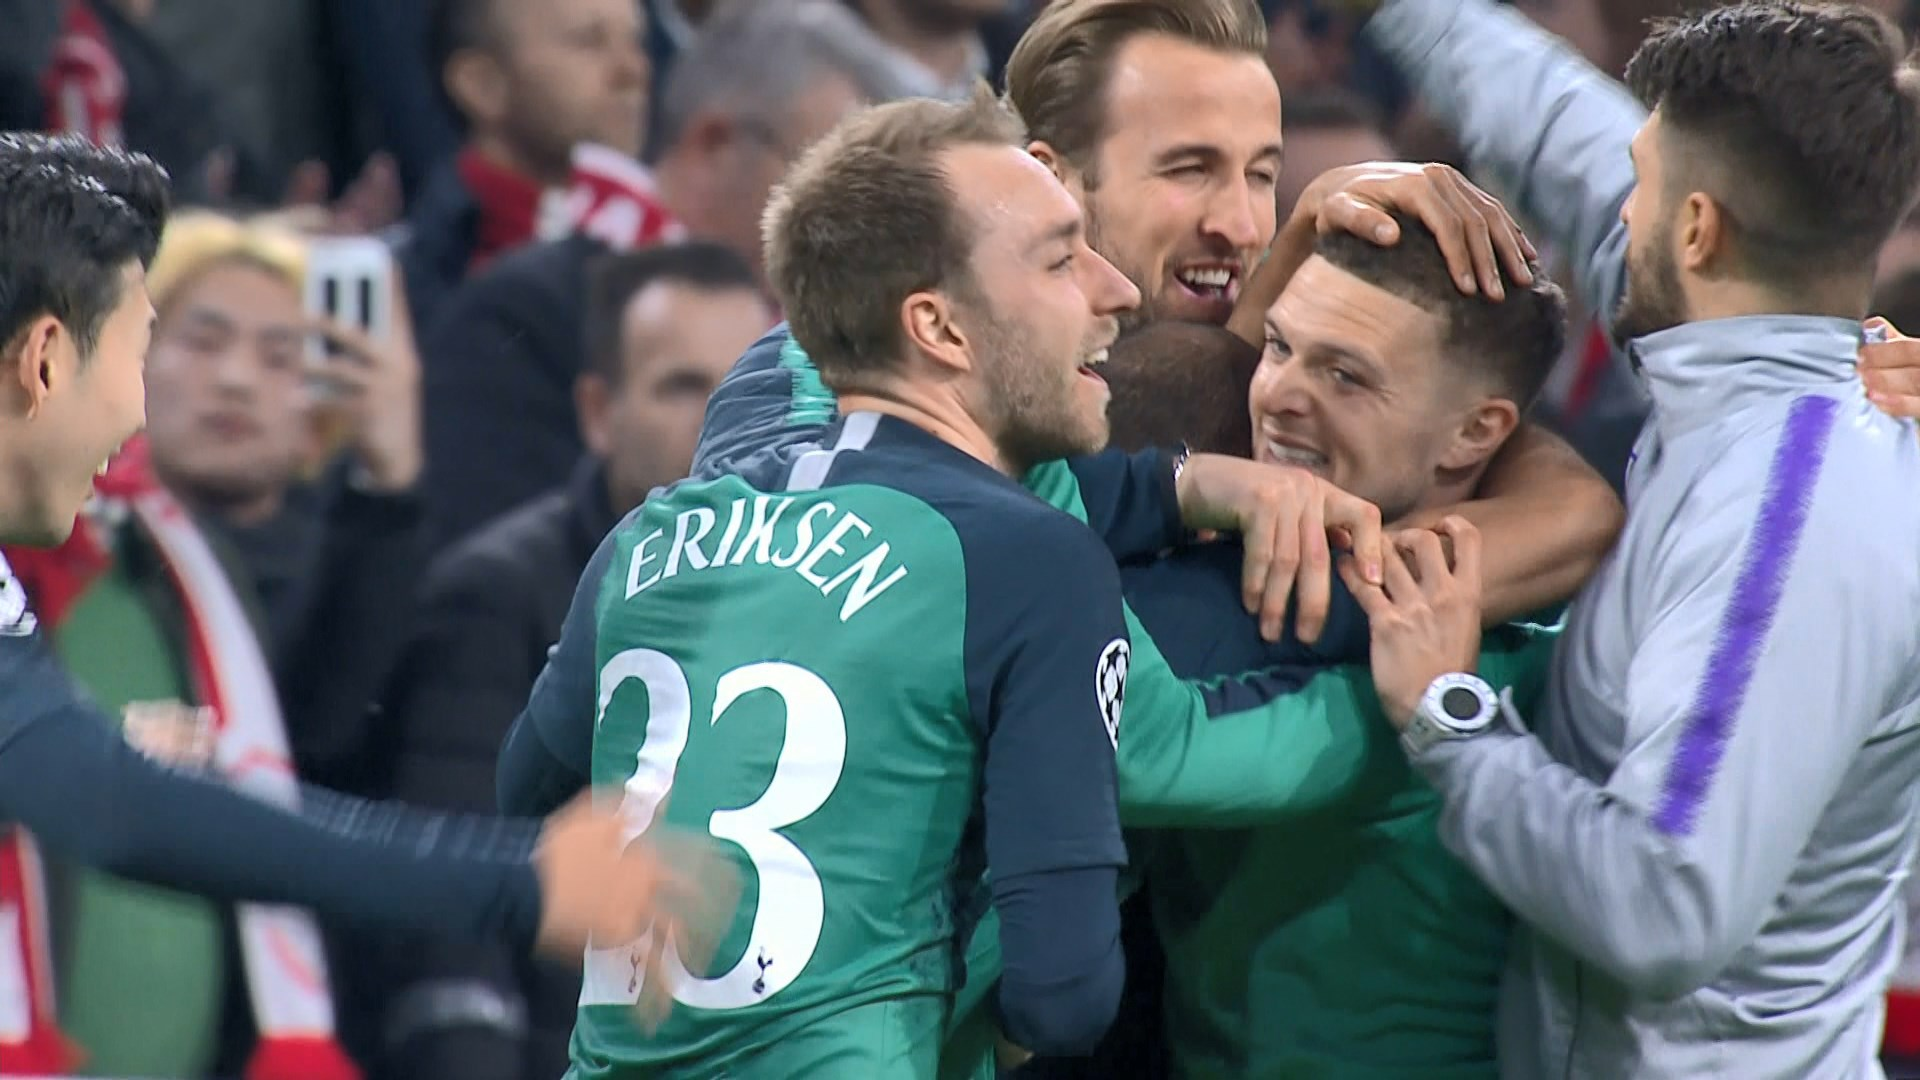 歐聯四強 熱刺憑作客入球優惠歷史性晉級